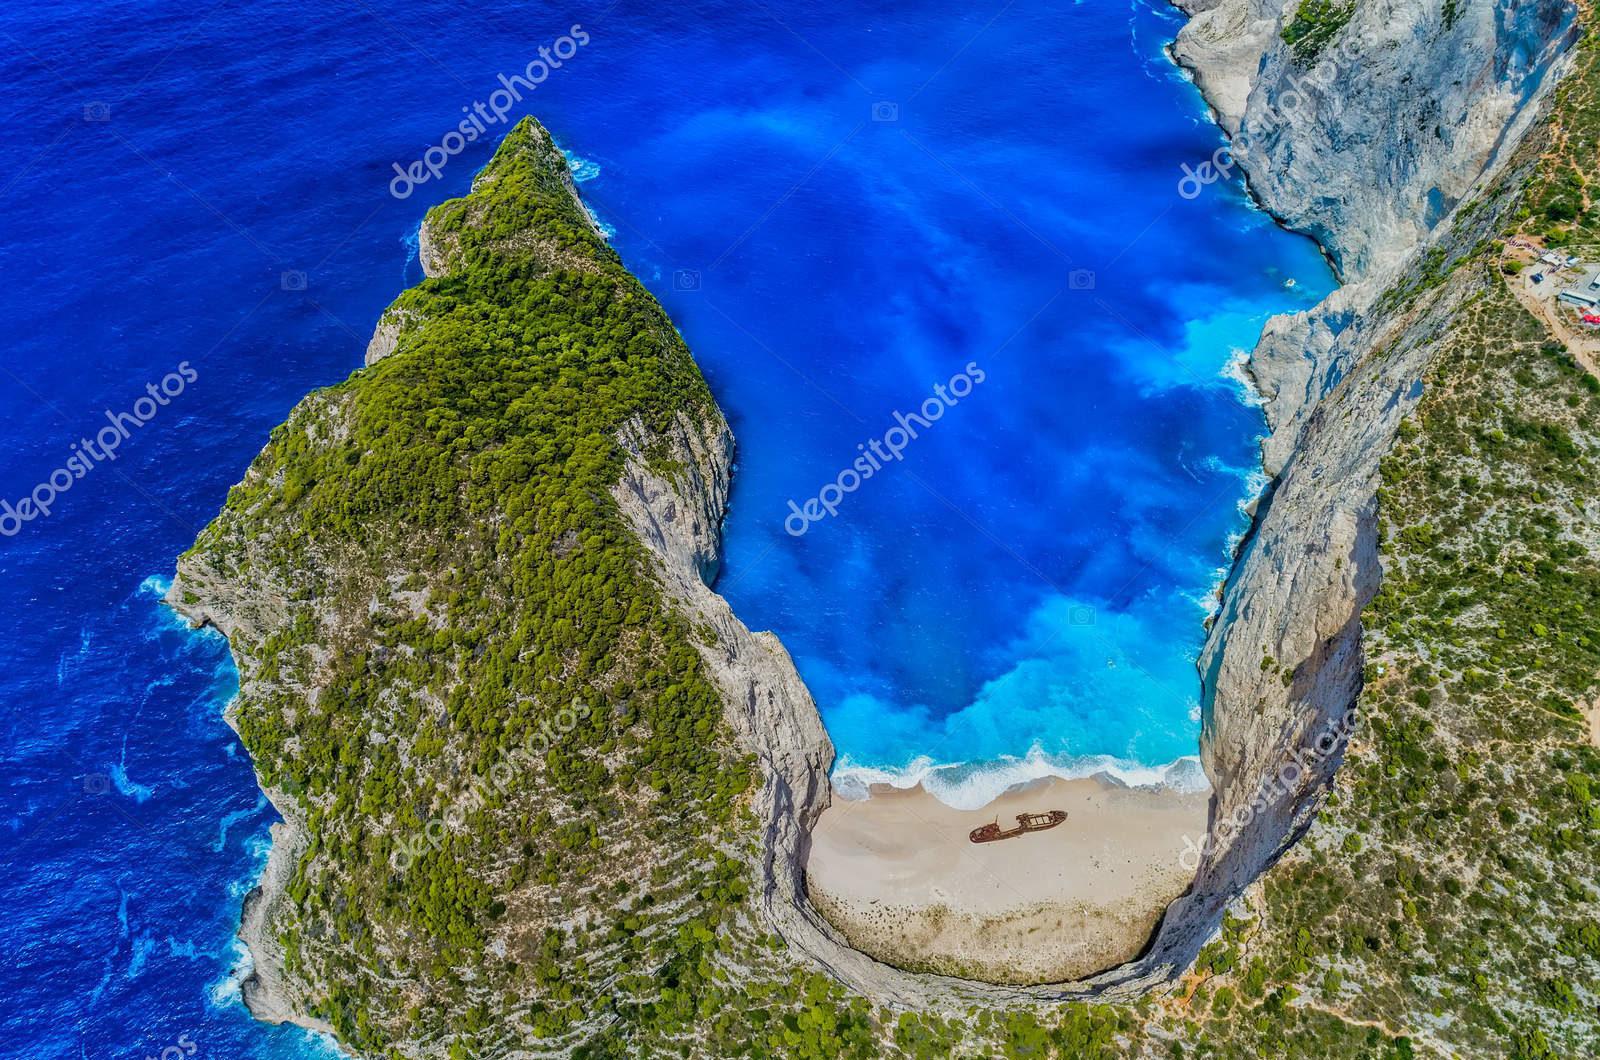 Аэрофотоснимок пляжа в Греции